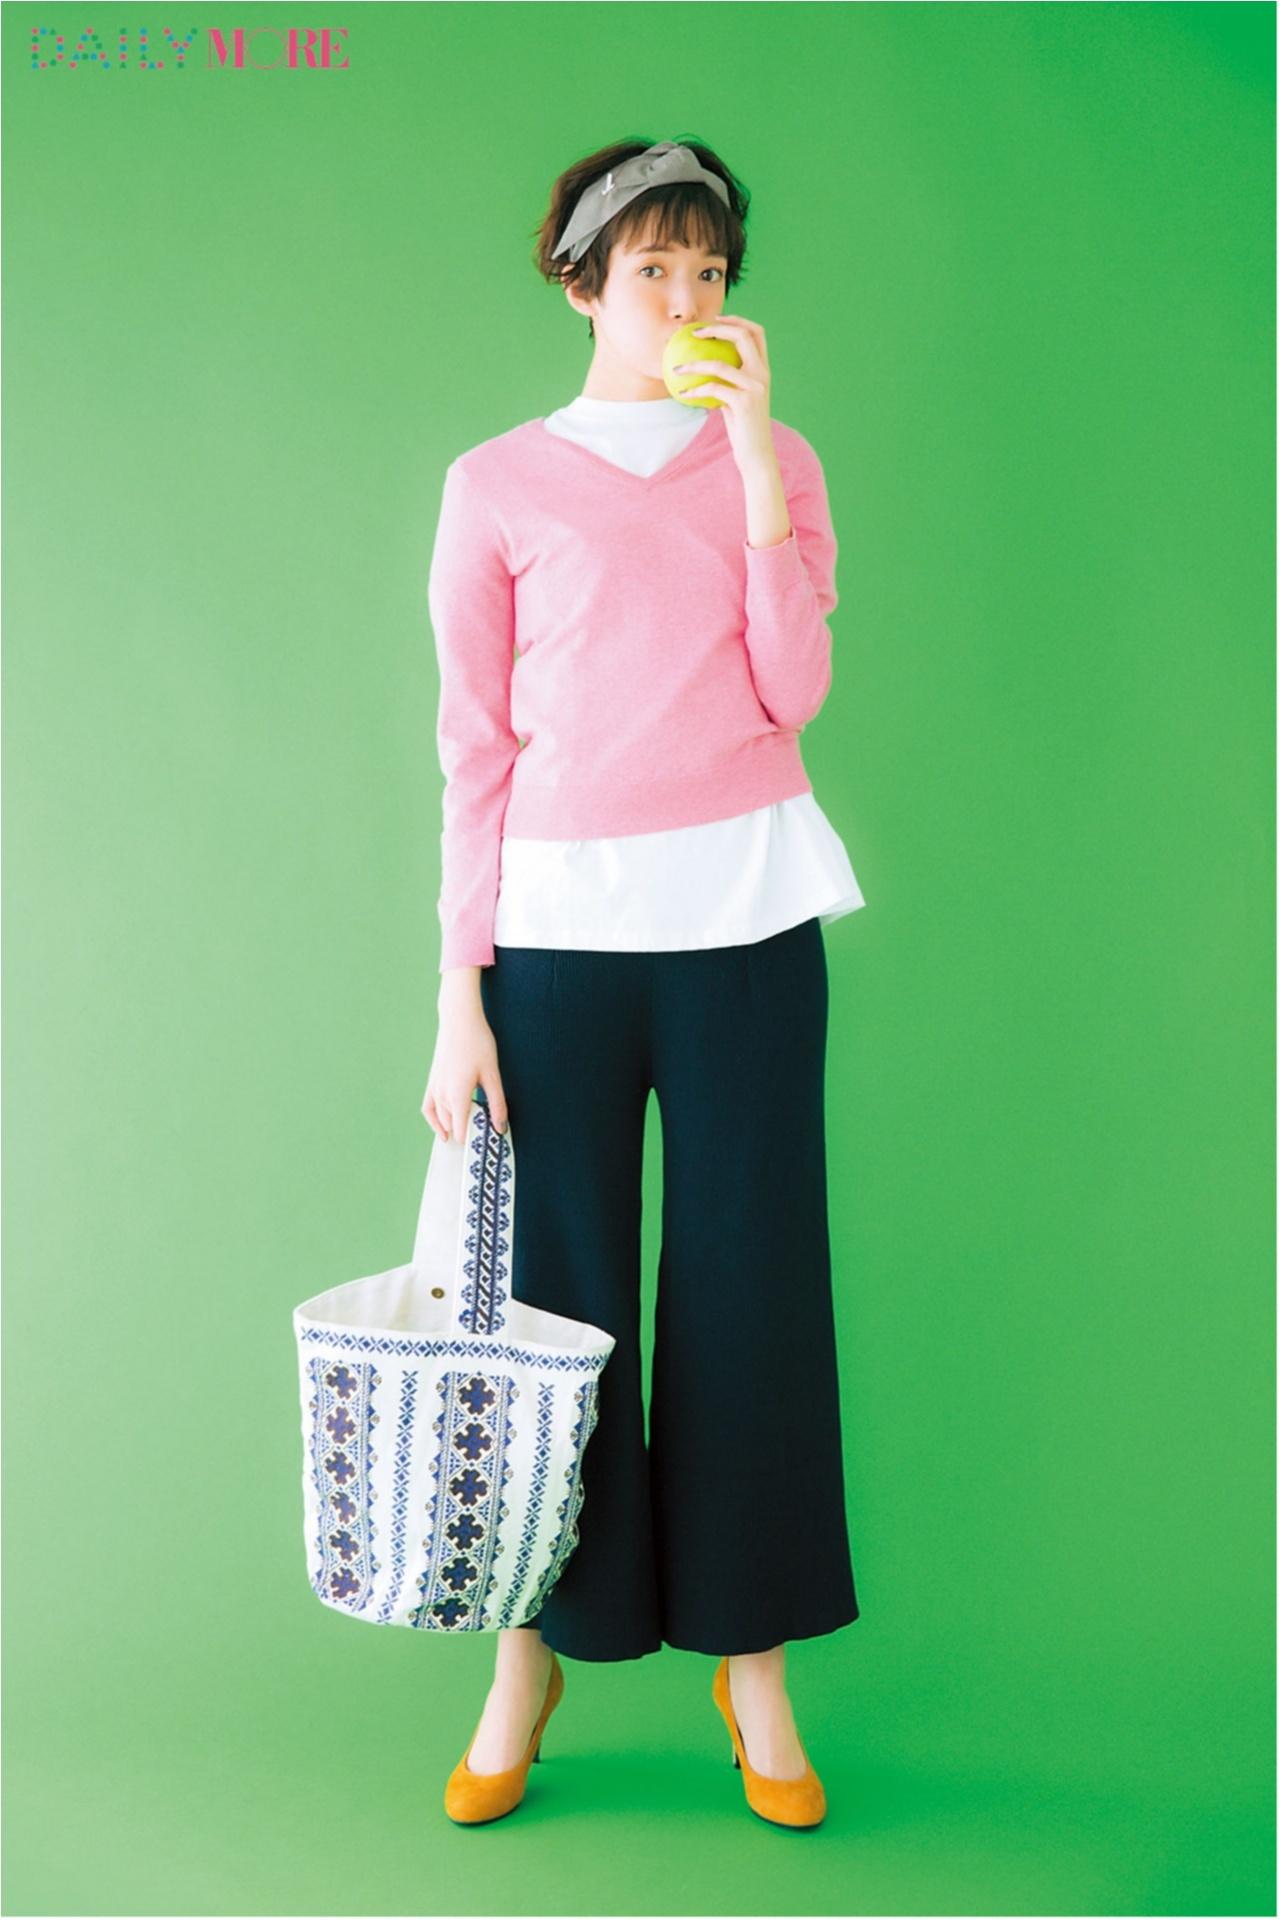 今年の春の主役はPINK!!『大人なピンクのコーデ』まとめ♡_1_3